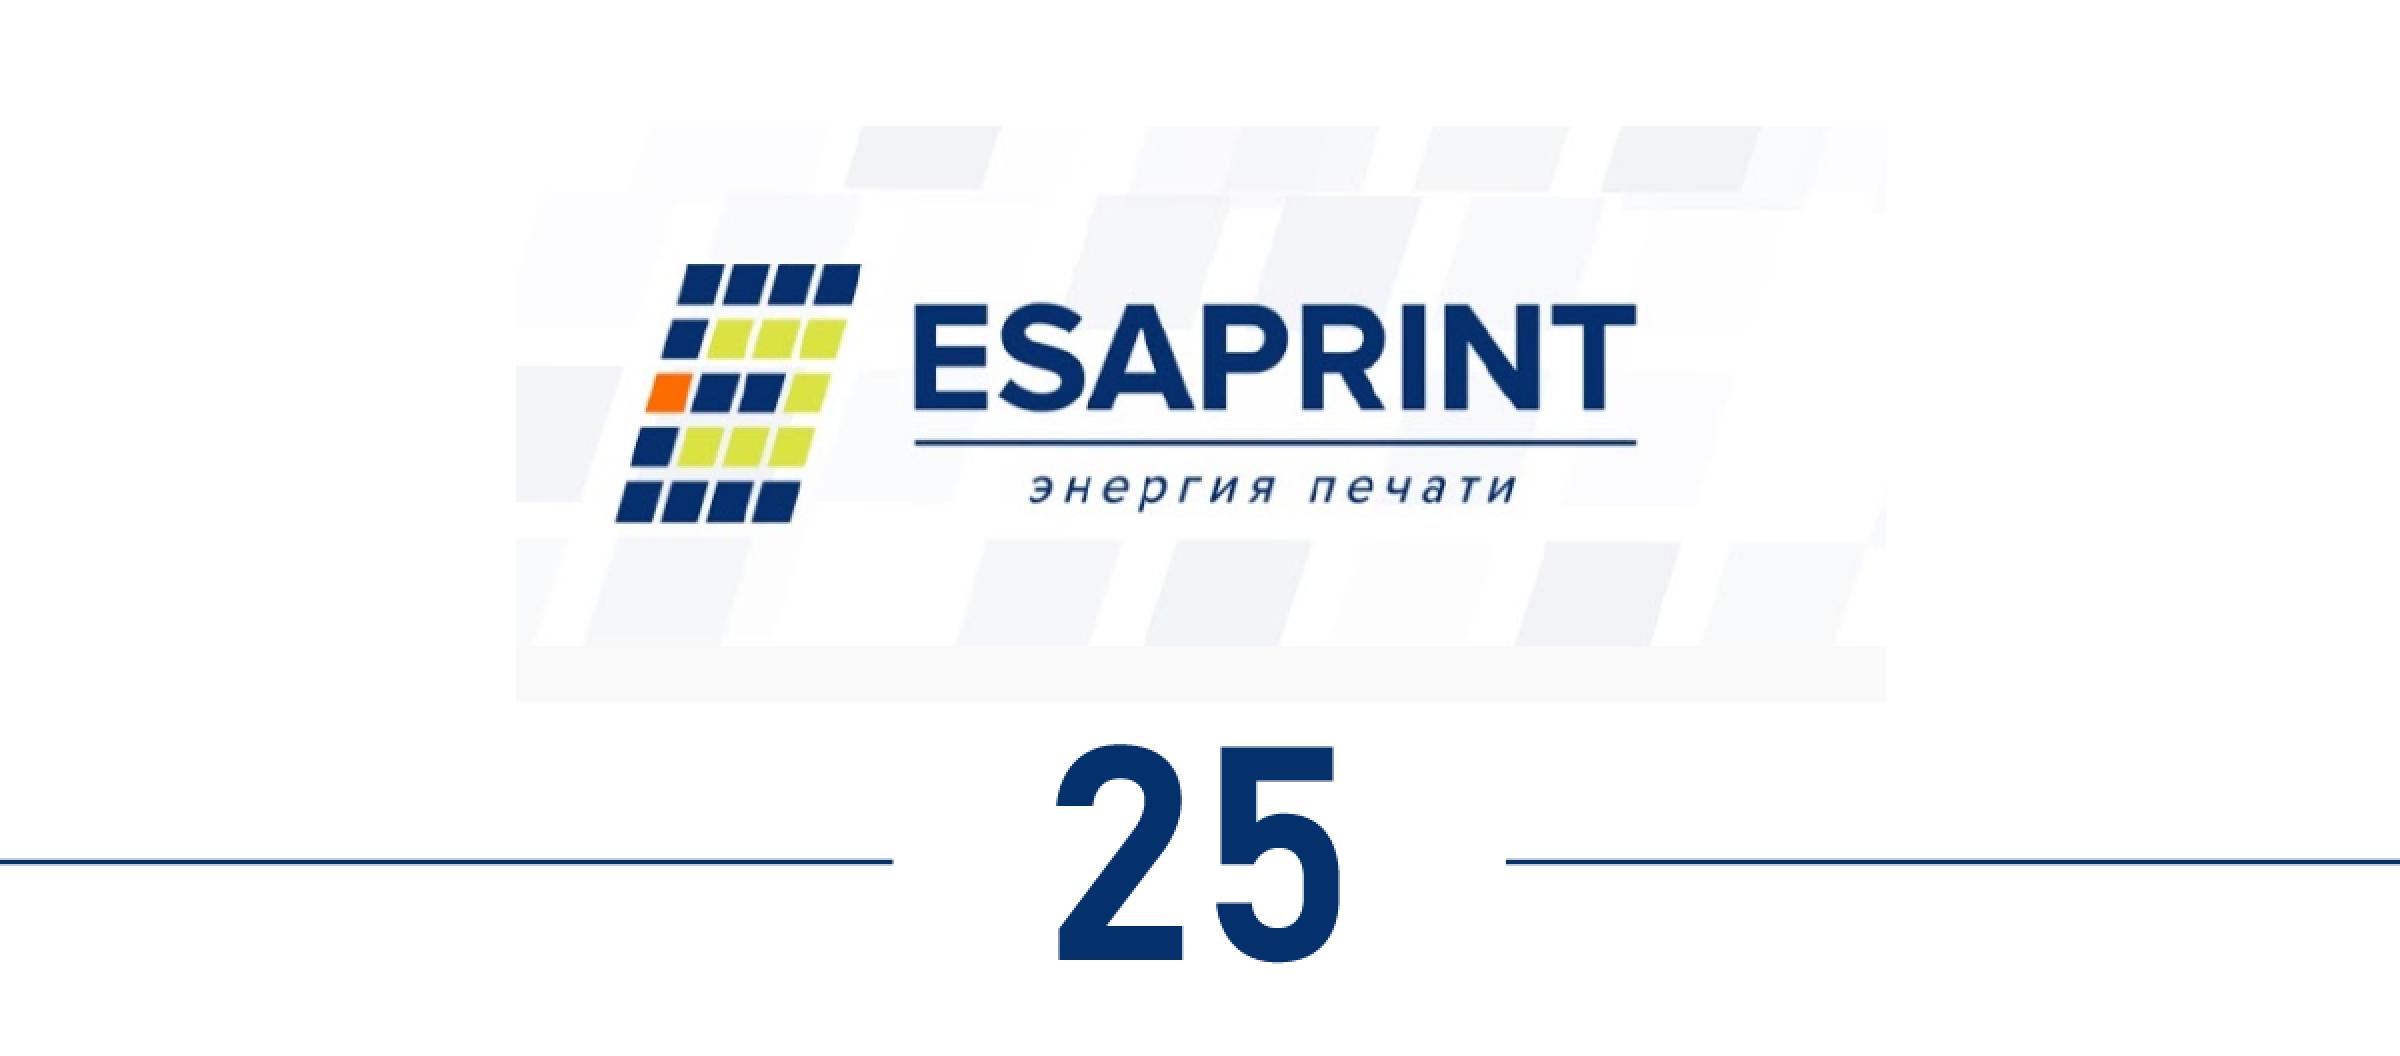 Esaprint 25